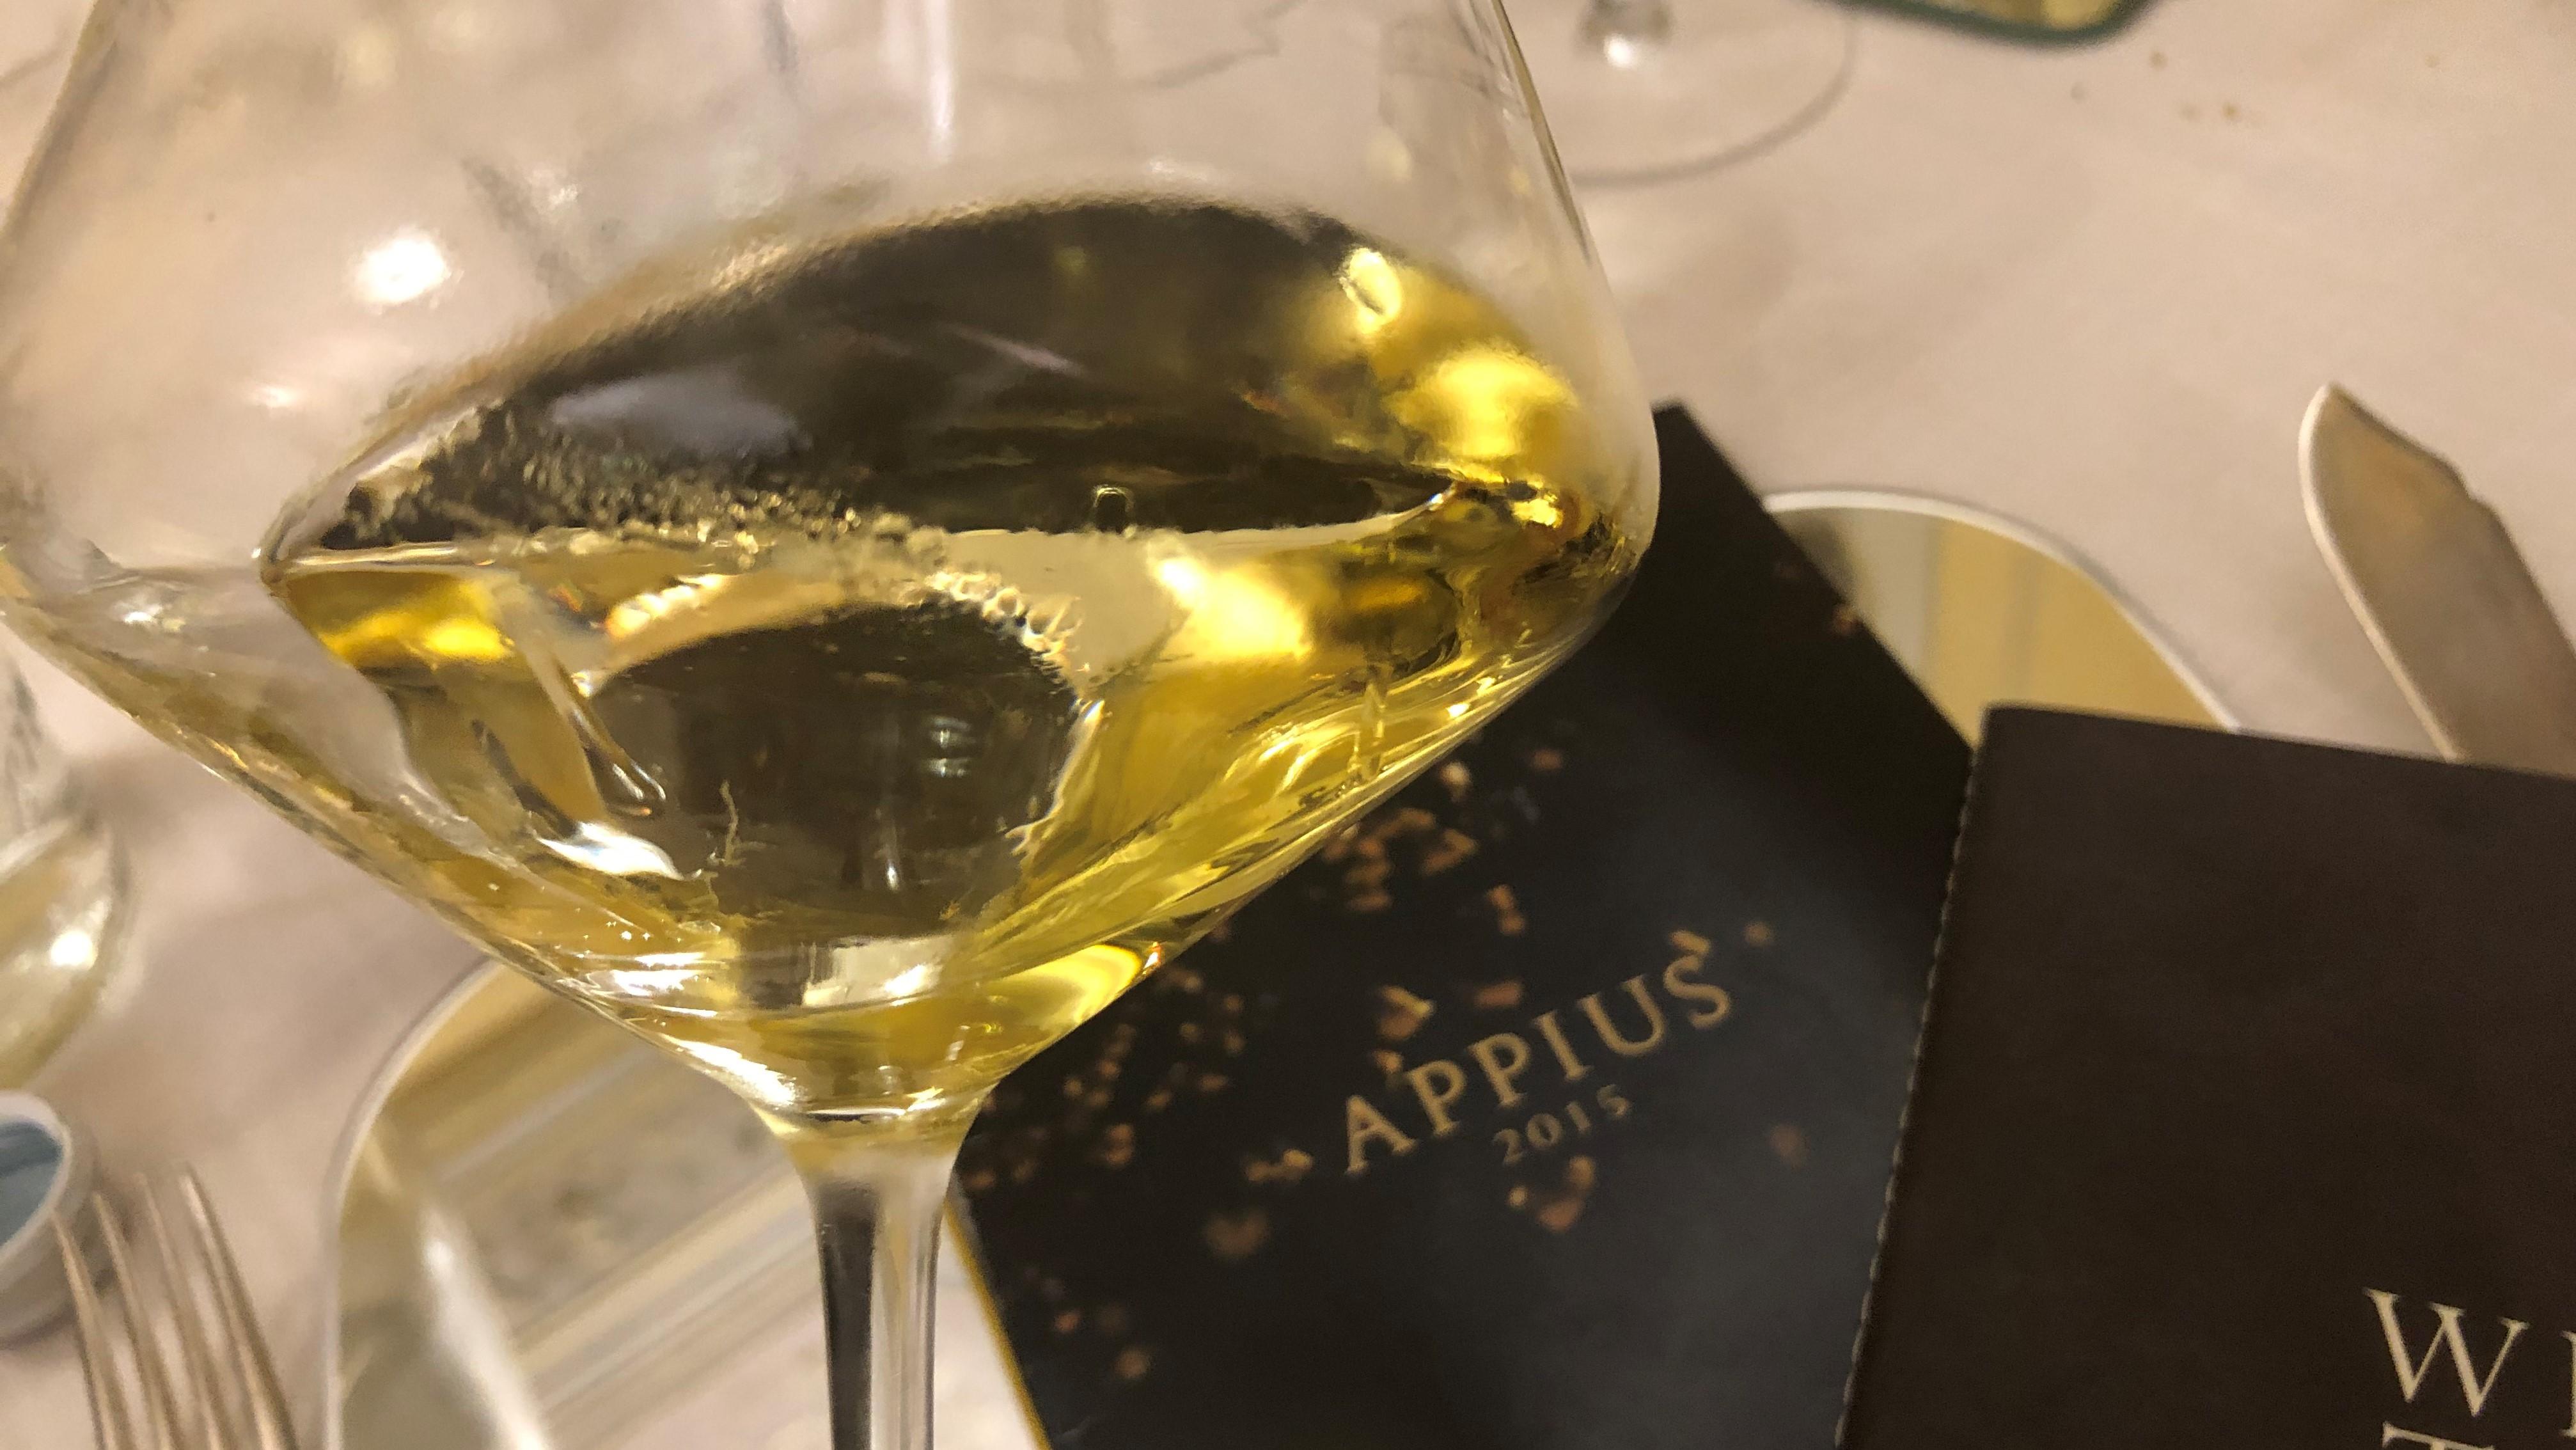 Appius